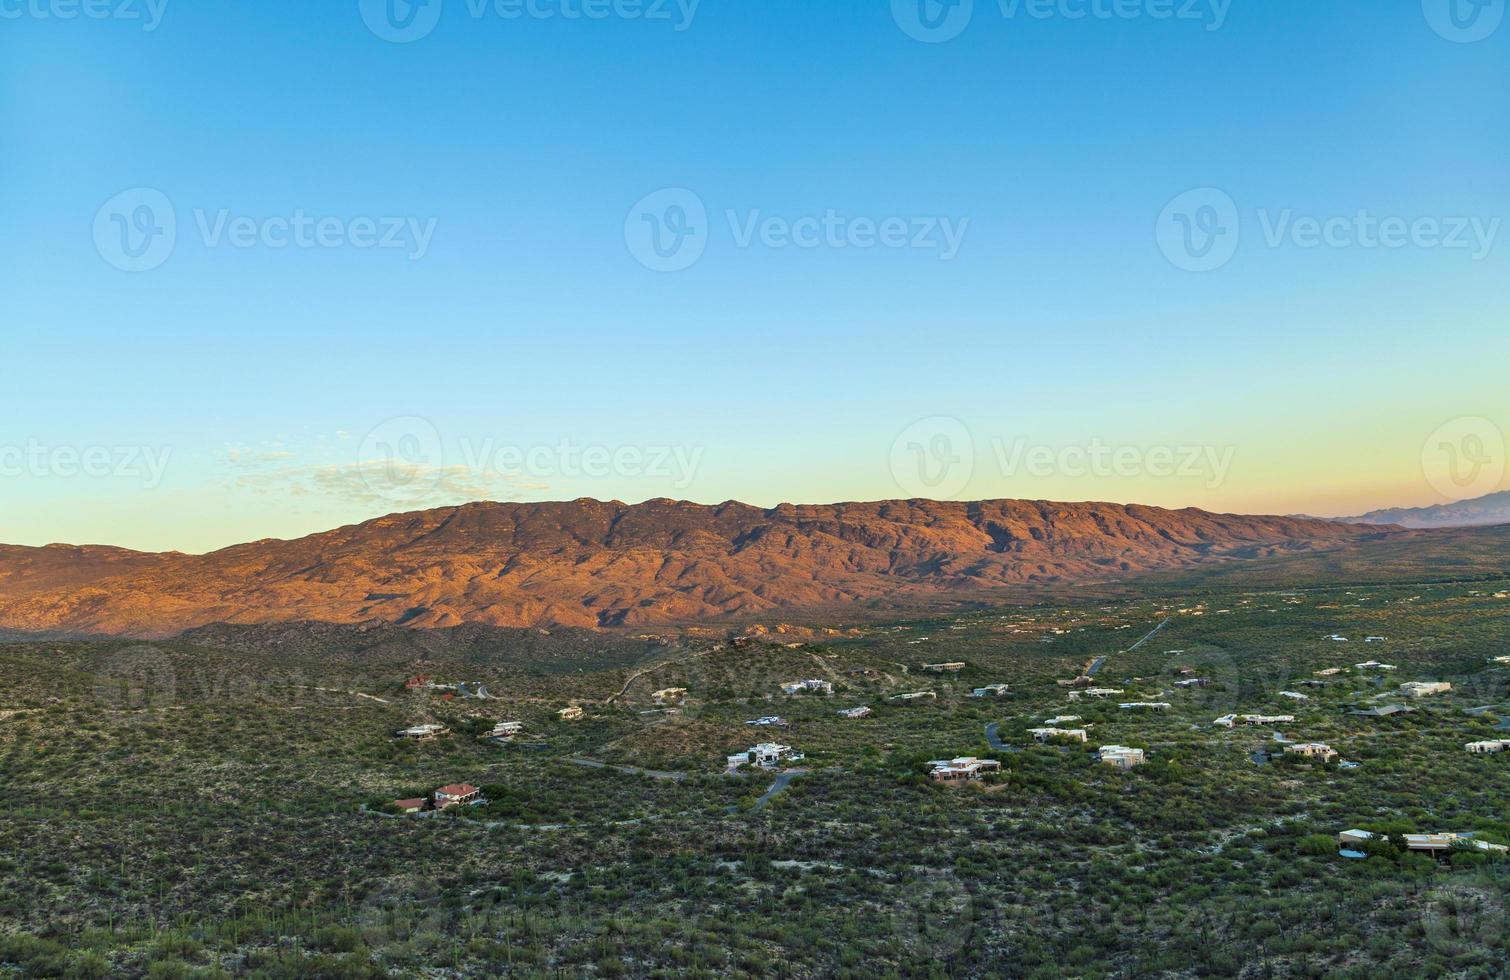 tramonto dorato a Tuscon, Arizona con catena montuosa foto